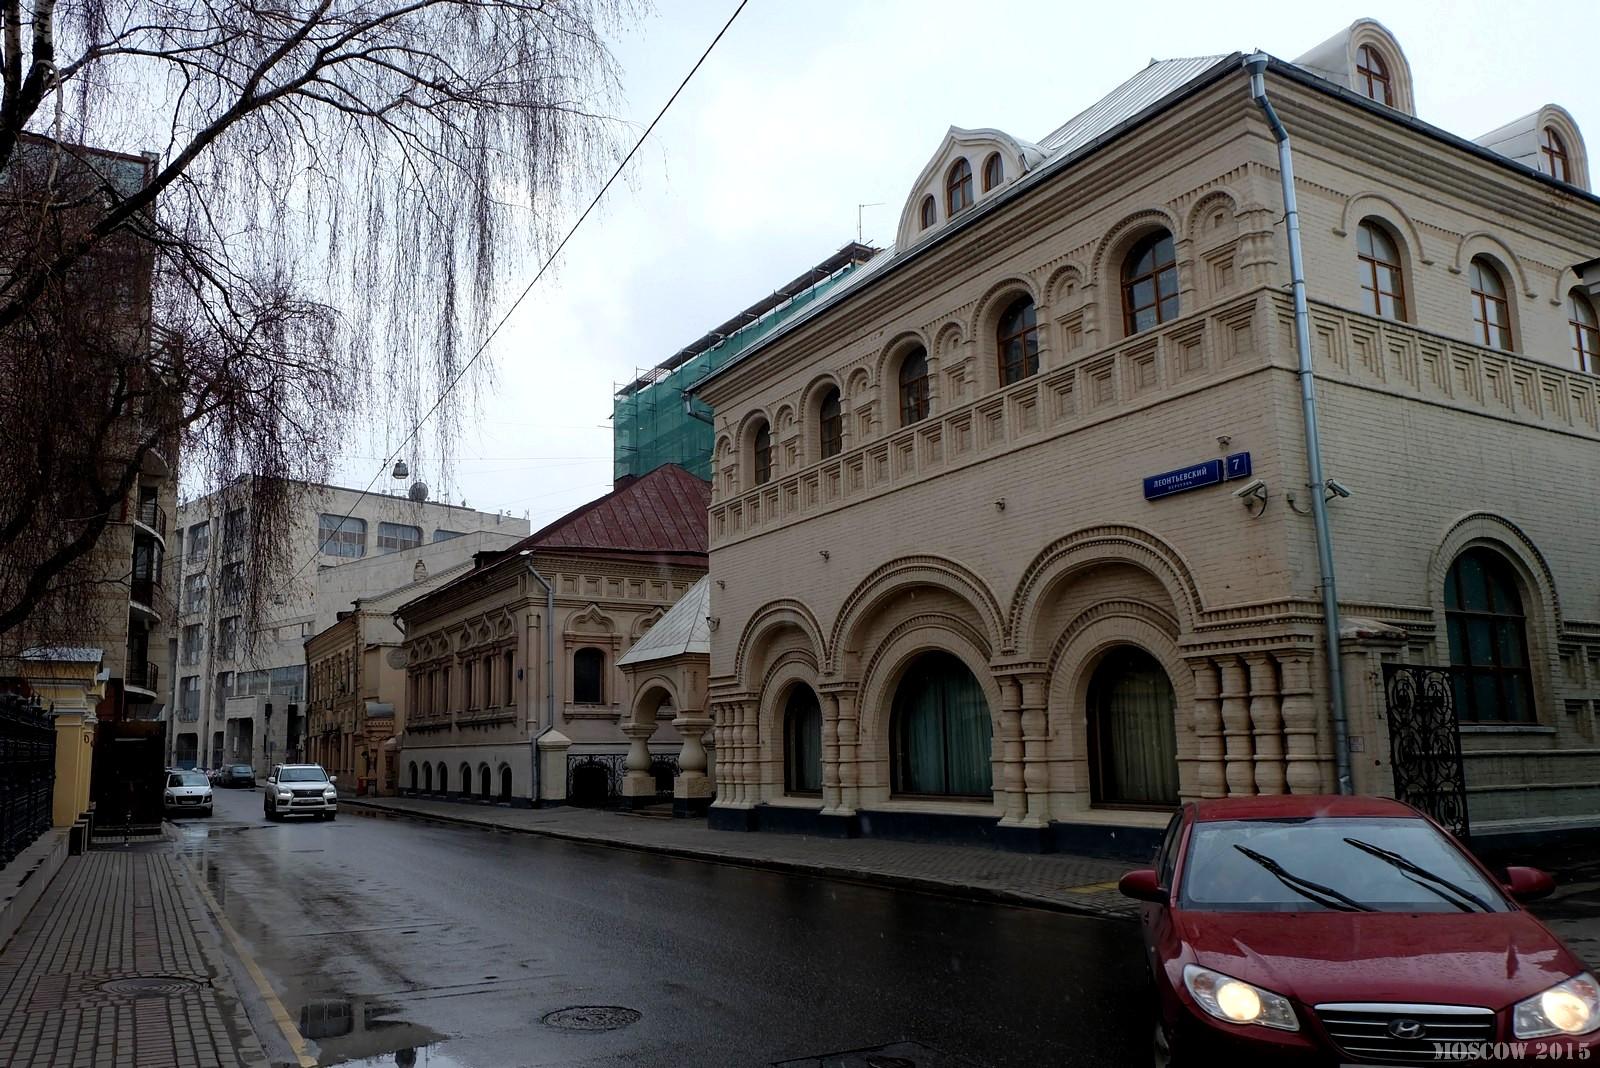 Леонтьевский переулок, Москва